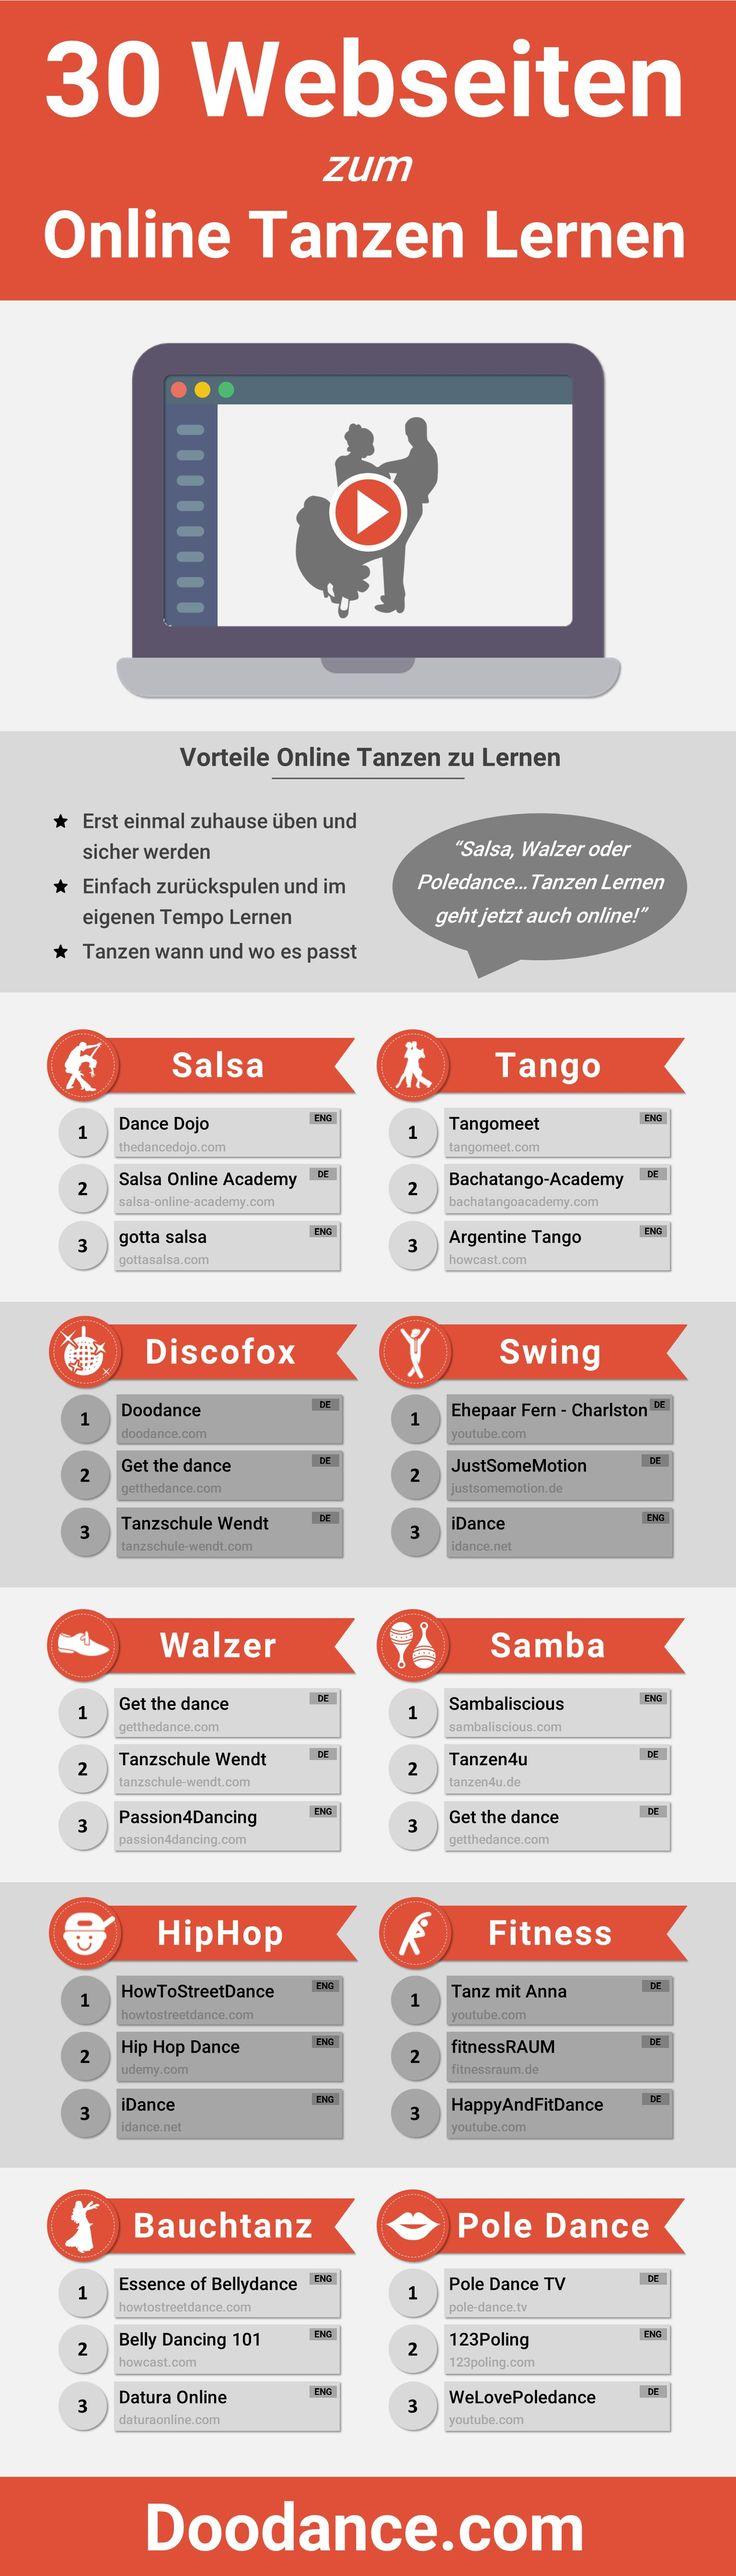 [Infografik] 30 Webseiten zum Online Tanzen Lernen: Endlich tanzen lernen – davon träumst Du schon lange? Dann haben wir etwas für Dich: Unsere große Infografik mit den 30 besten Webseiten zum online (Party Top Outfit)